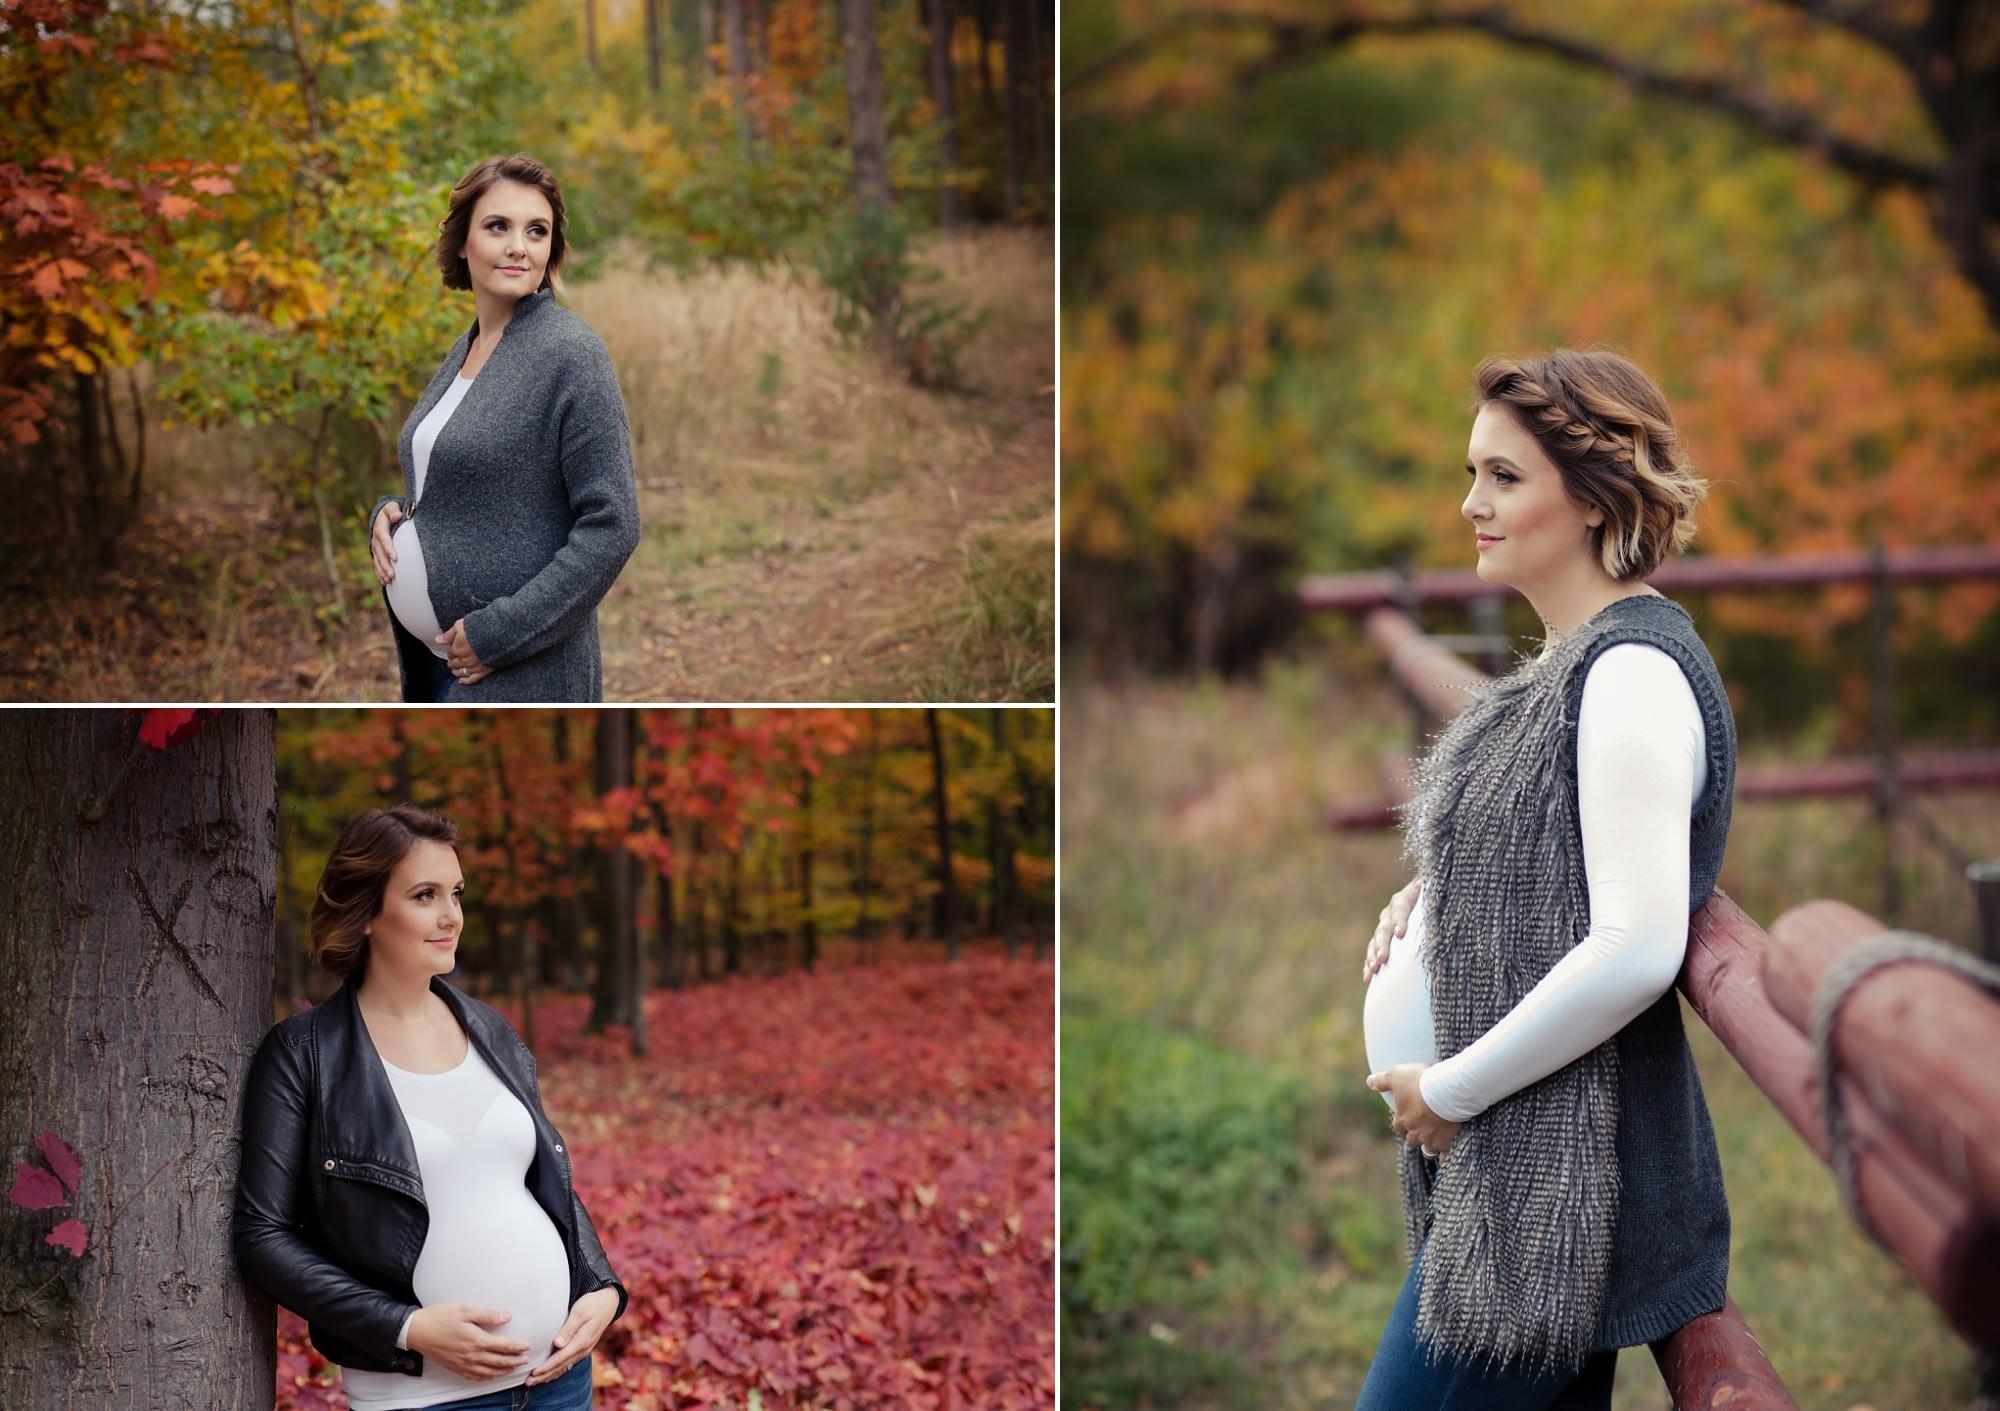 Těhotenské focení v lese v podzimní přírodě